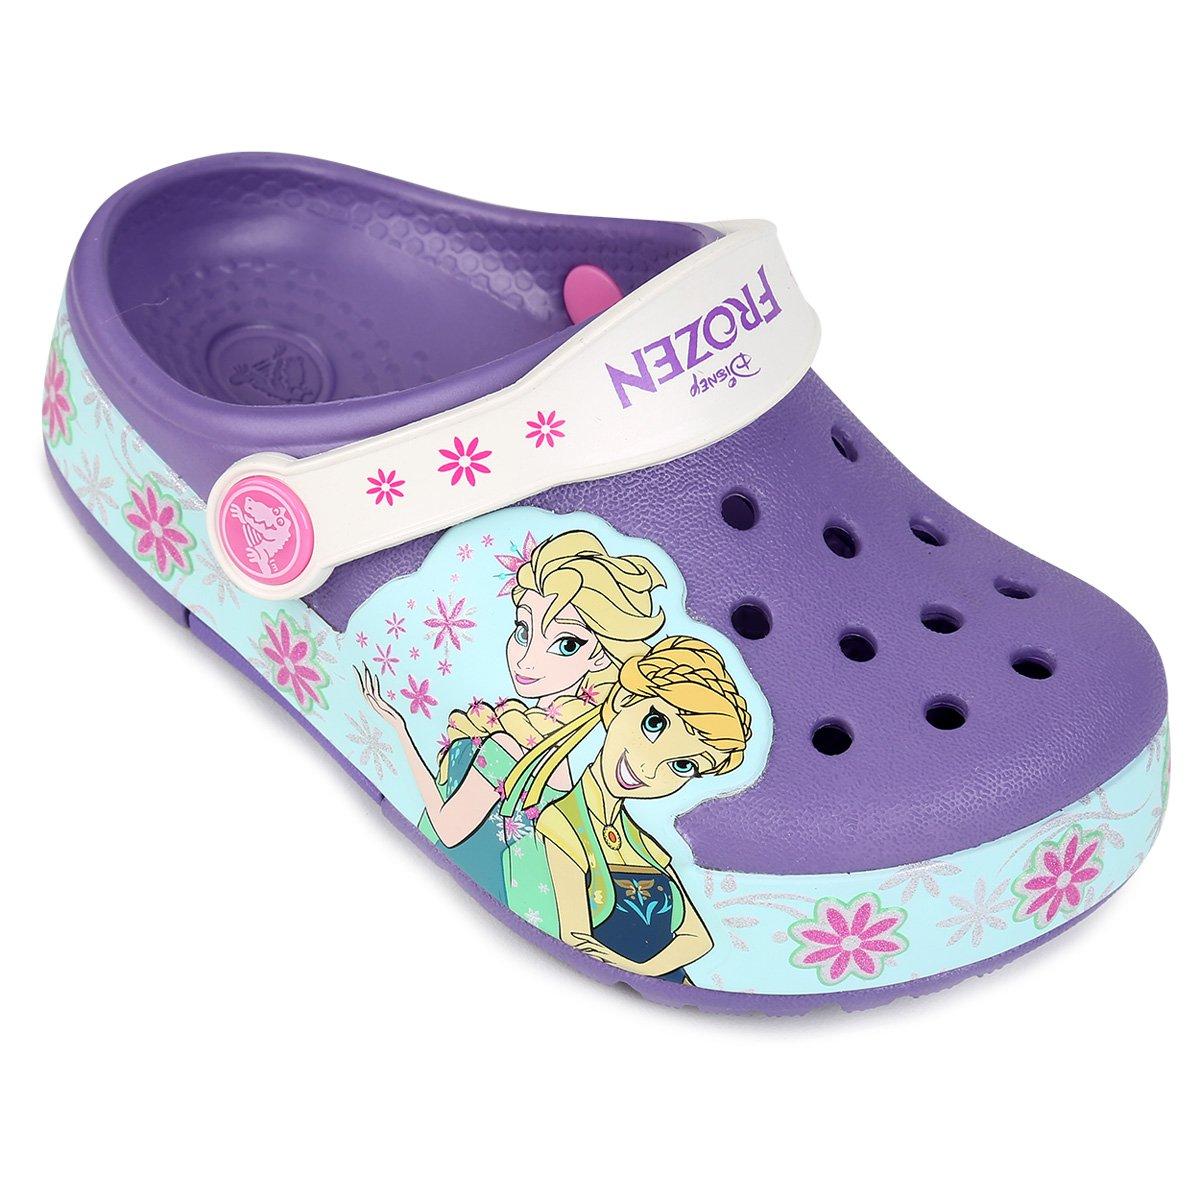 Sandália Crocs Infantil Lights Frozen Fever Clog   Livelo -Sua Vida ... f969a61bf8